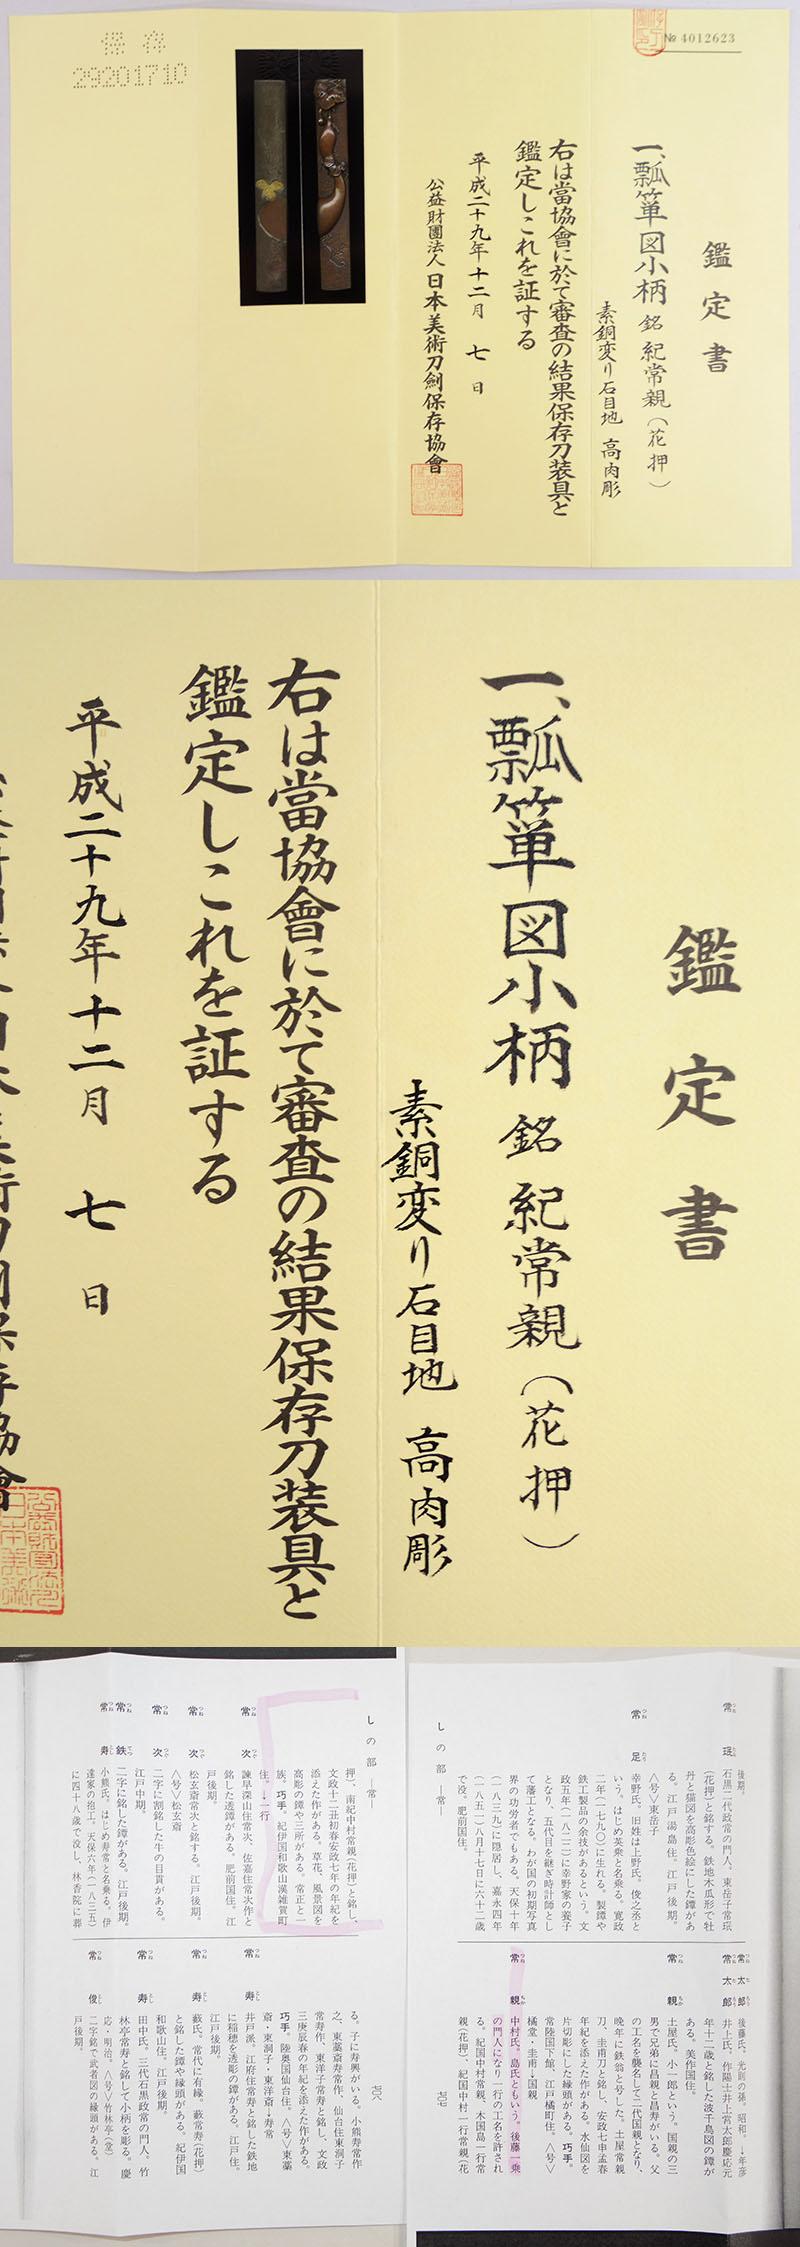 瓢箪図小柄 紀常親(花押) (中村一行) (後藤一乗の弟子) Picture of Certificate